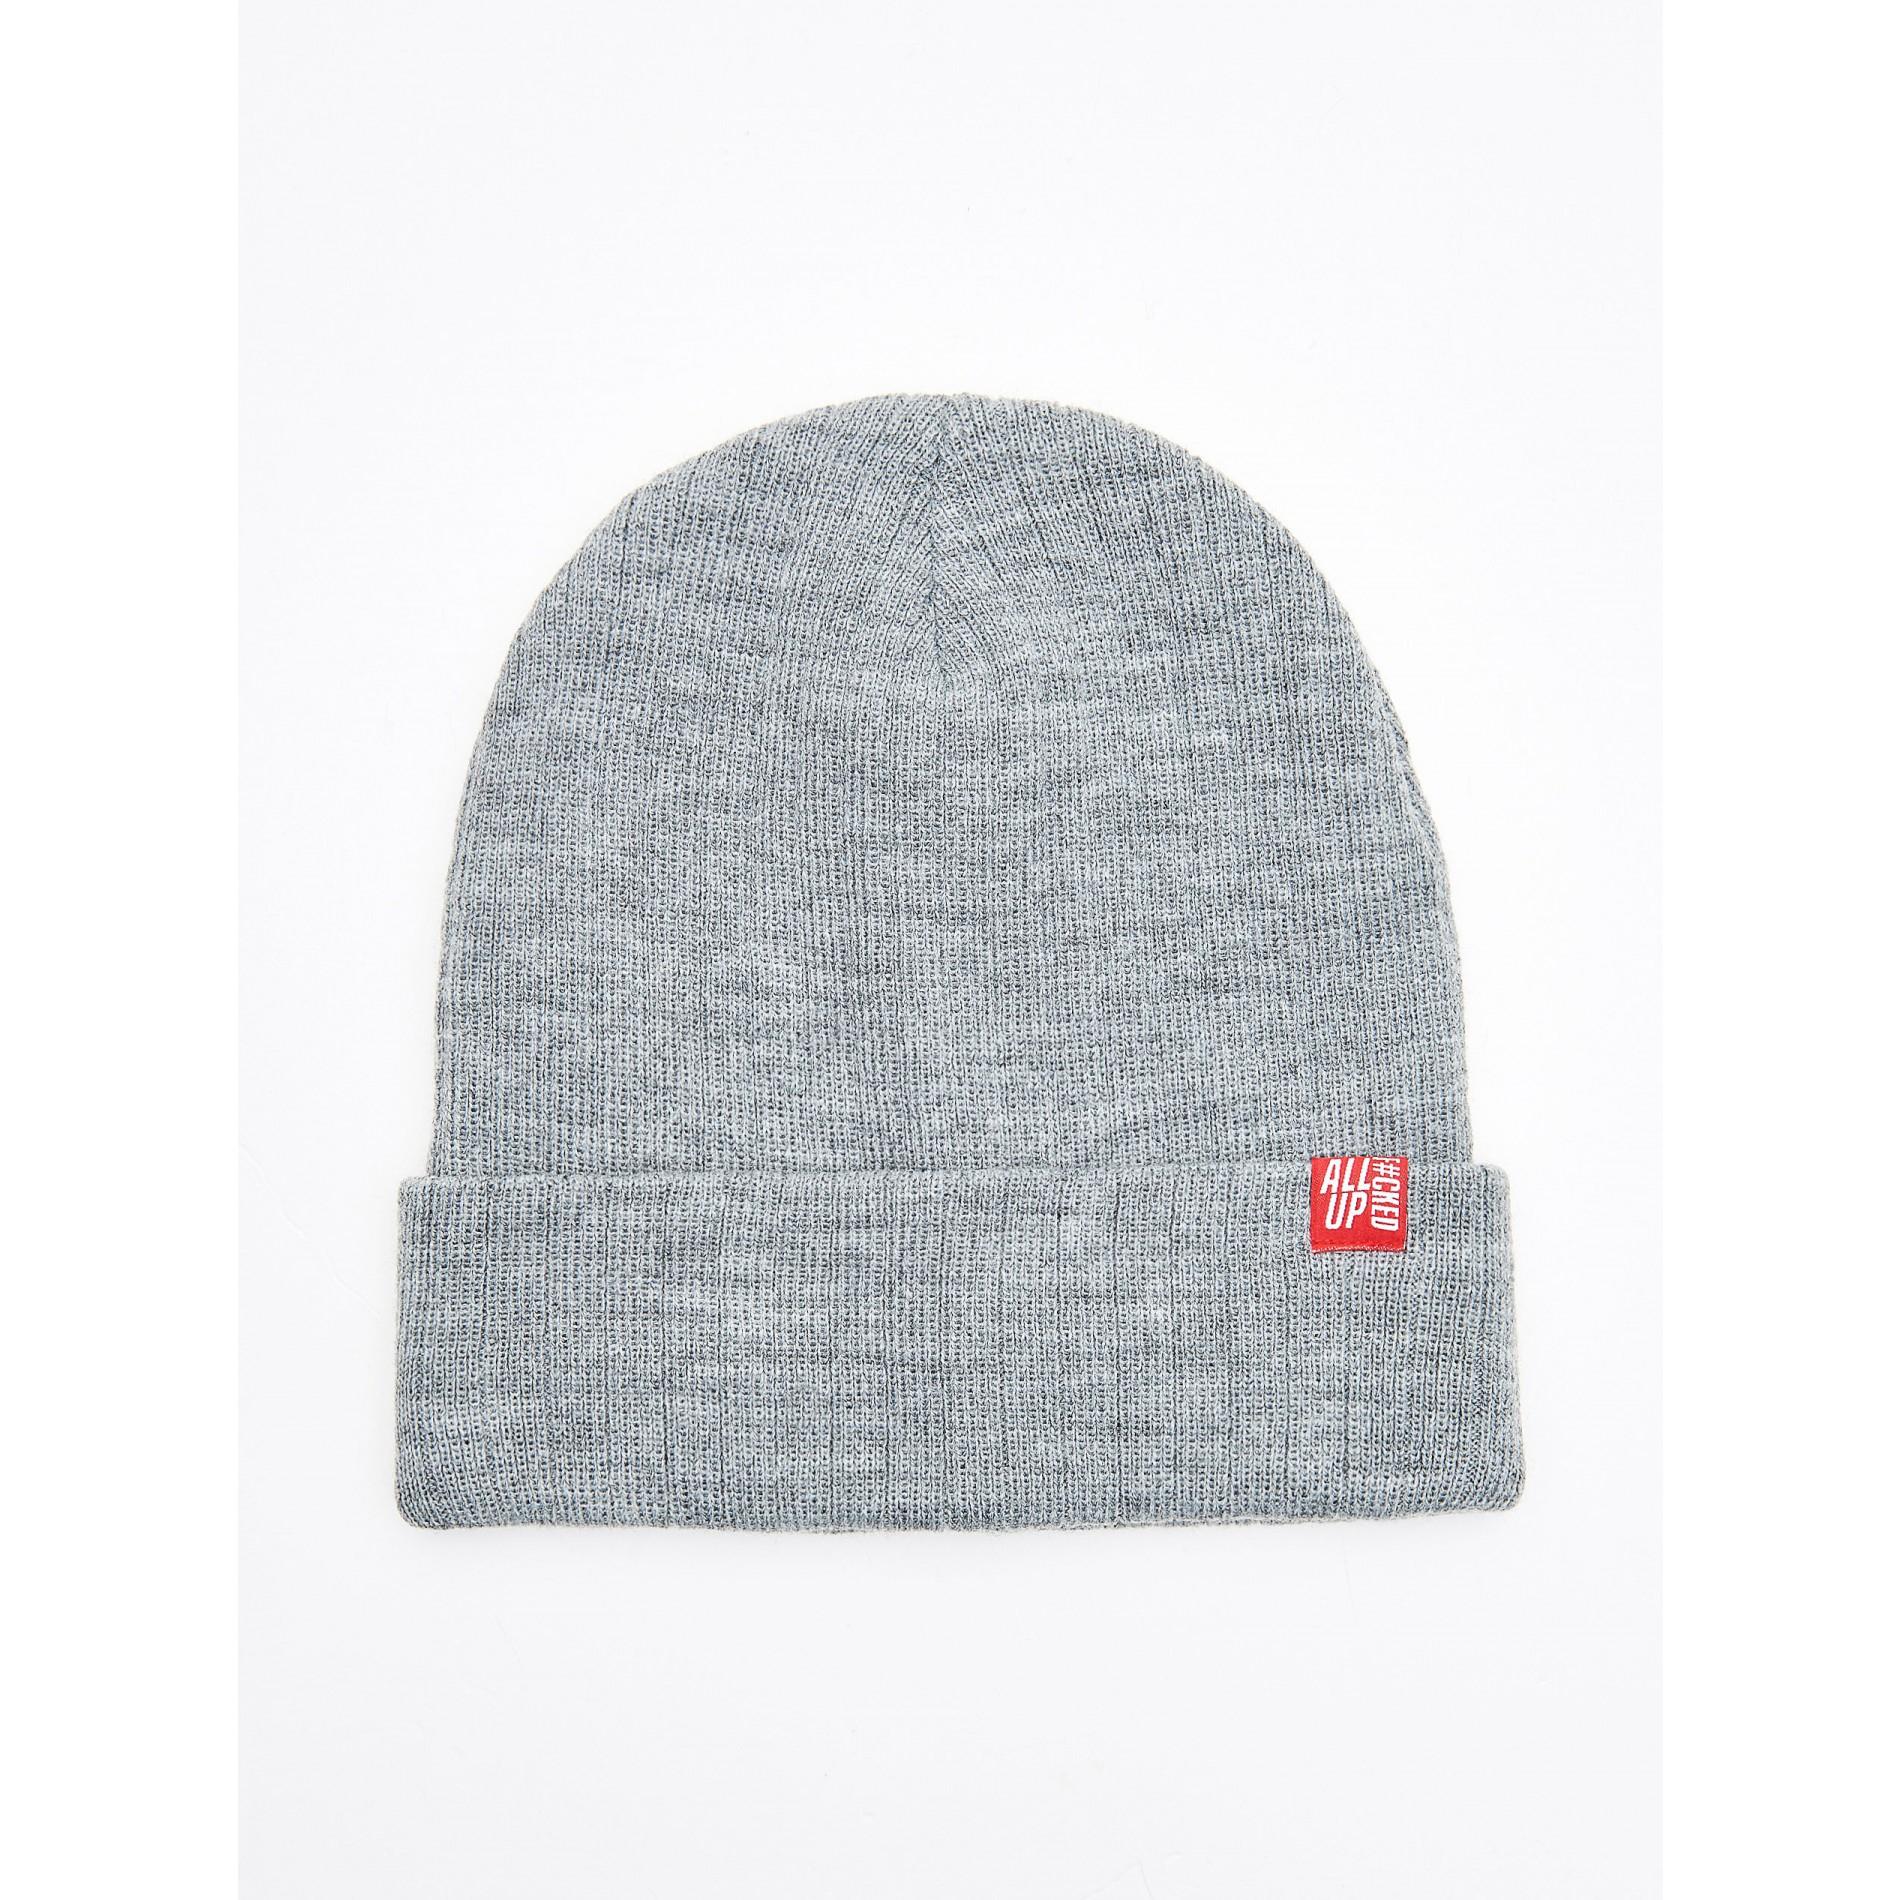 CROPP - męskie czapki zimowe i szaliki do wyboru.